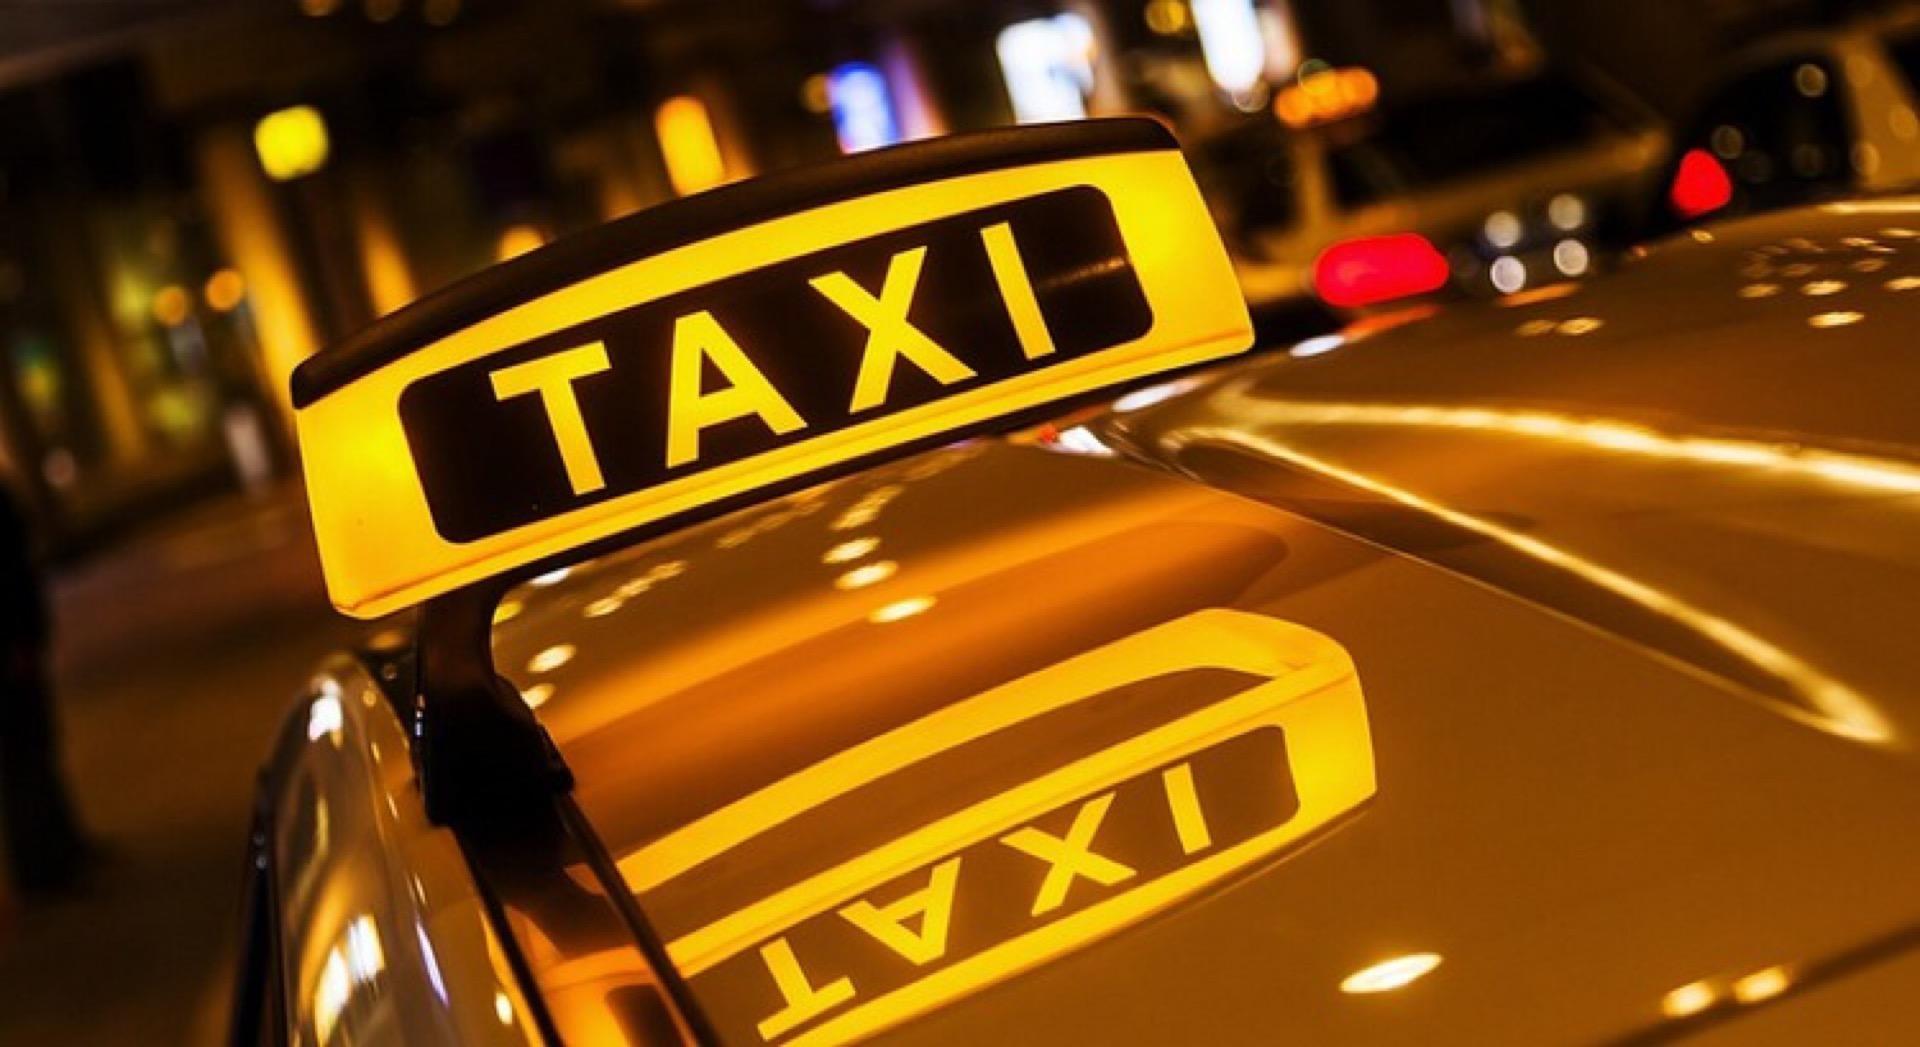 Сони начала разработку собственного онлайн-сервиса вызова такси